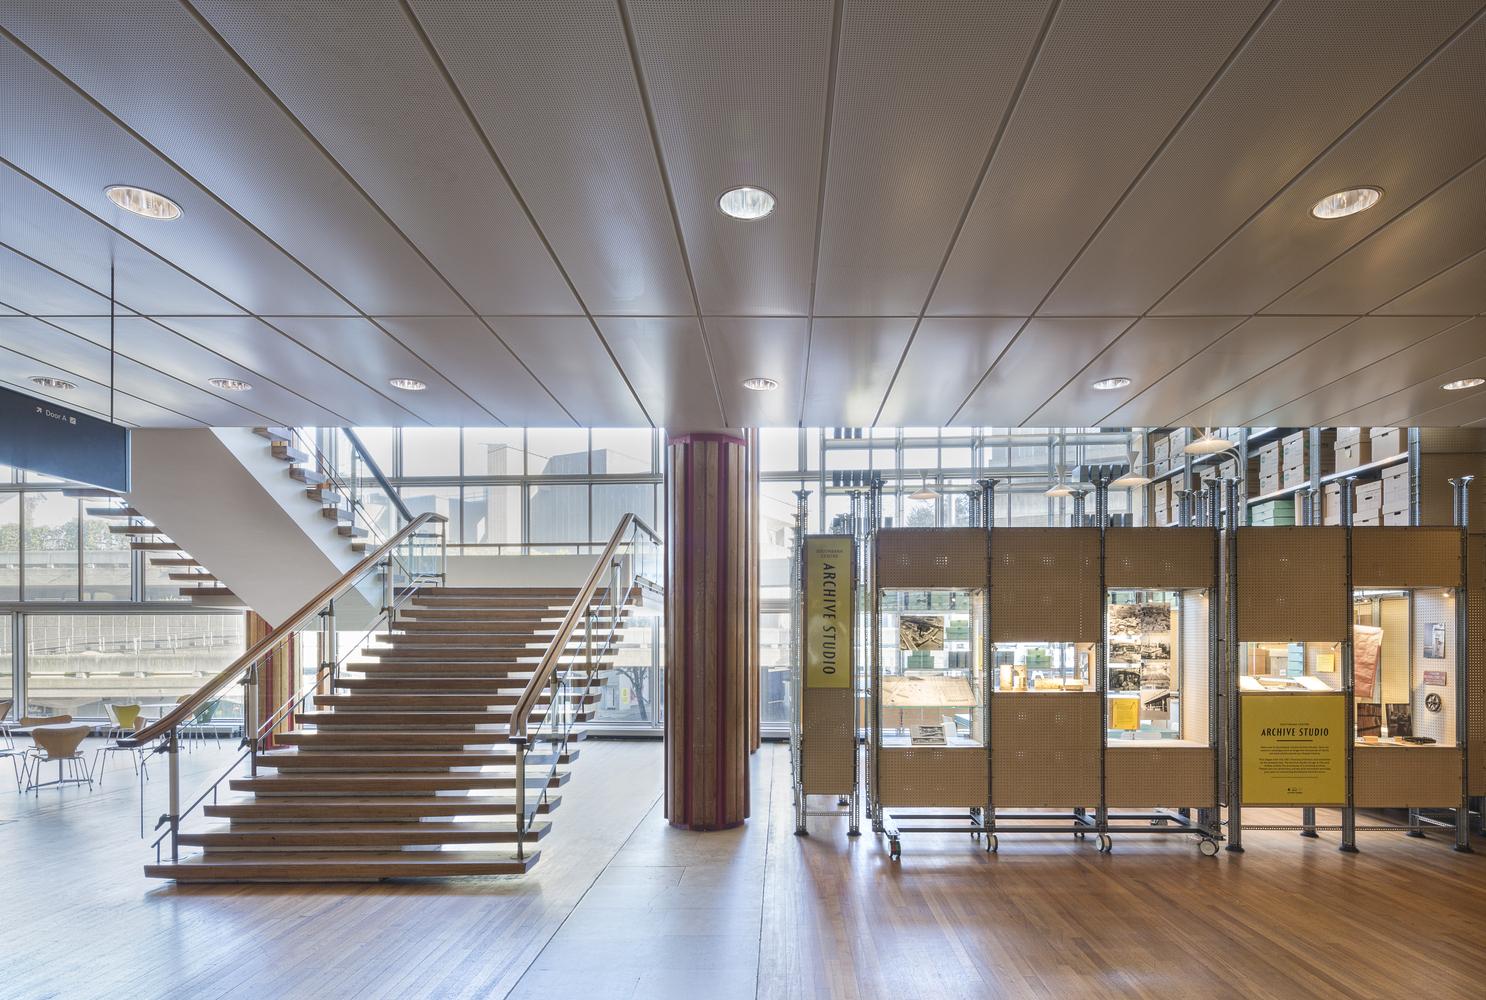 Идея интерьера архивного помещения от Jonathan Tuckey фото 10